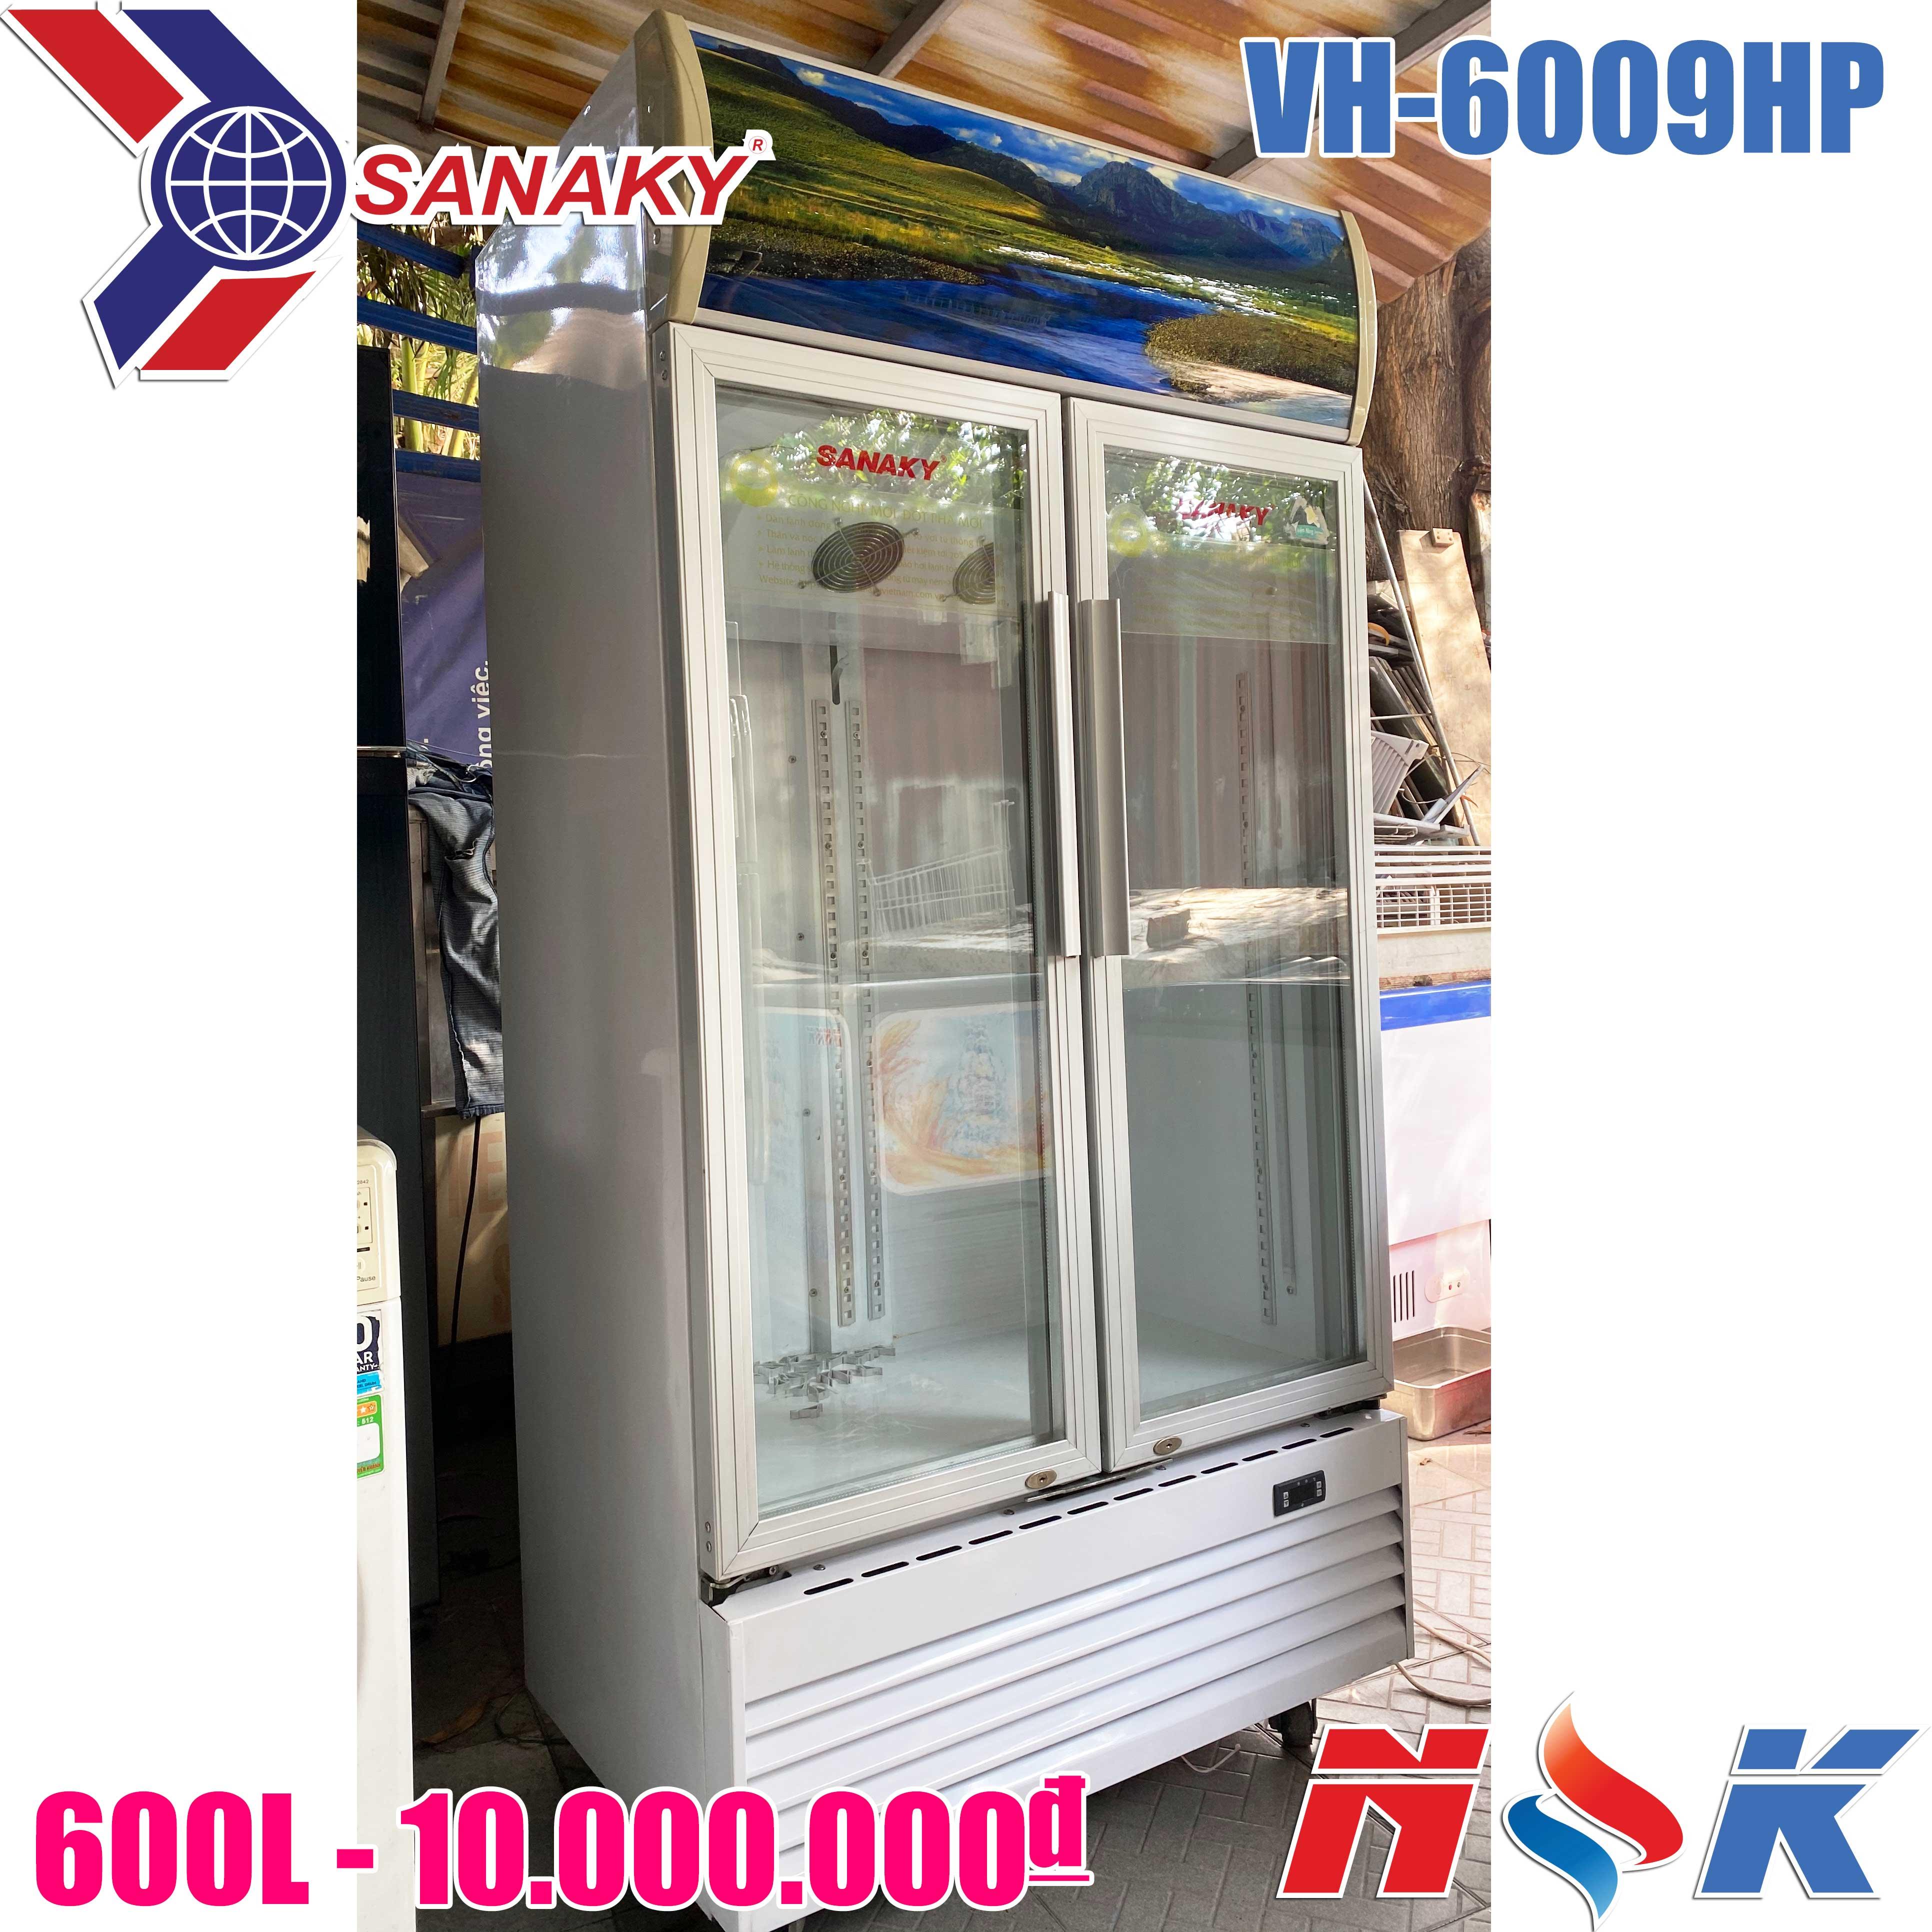 Tủ mát Sanaky VH-6009HP 600 lít